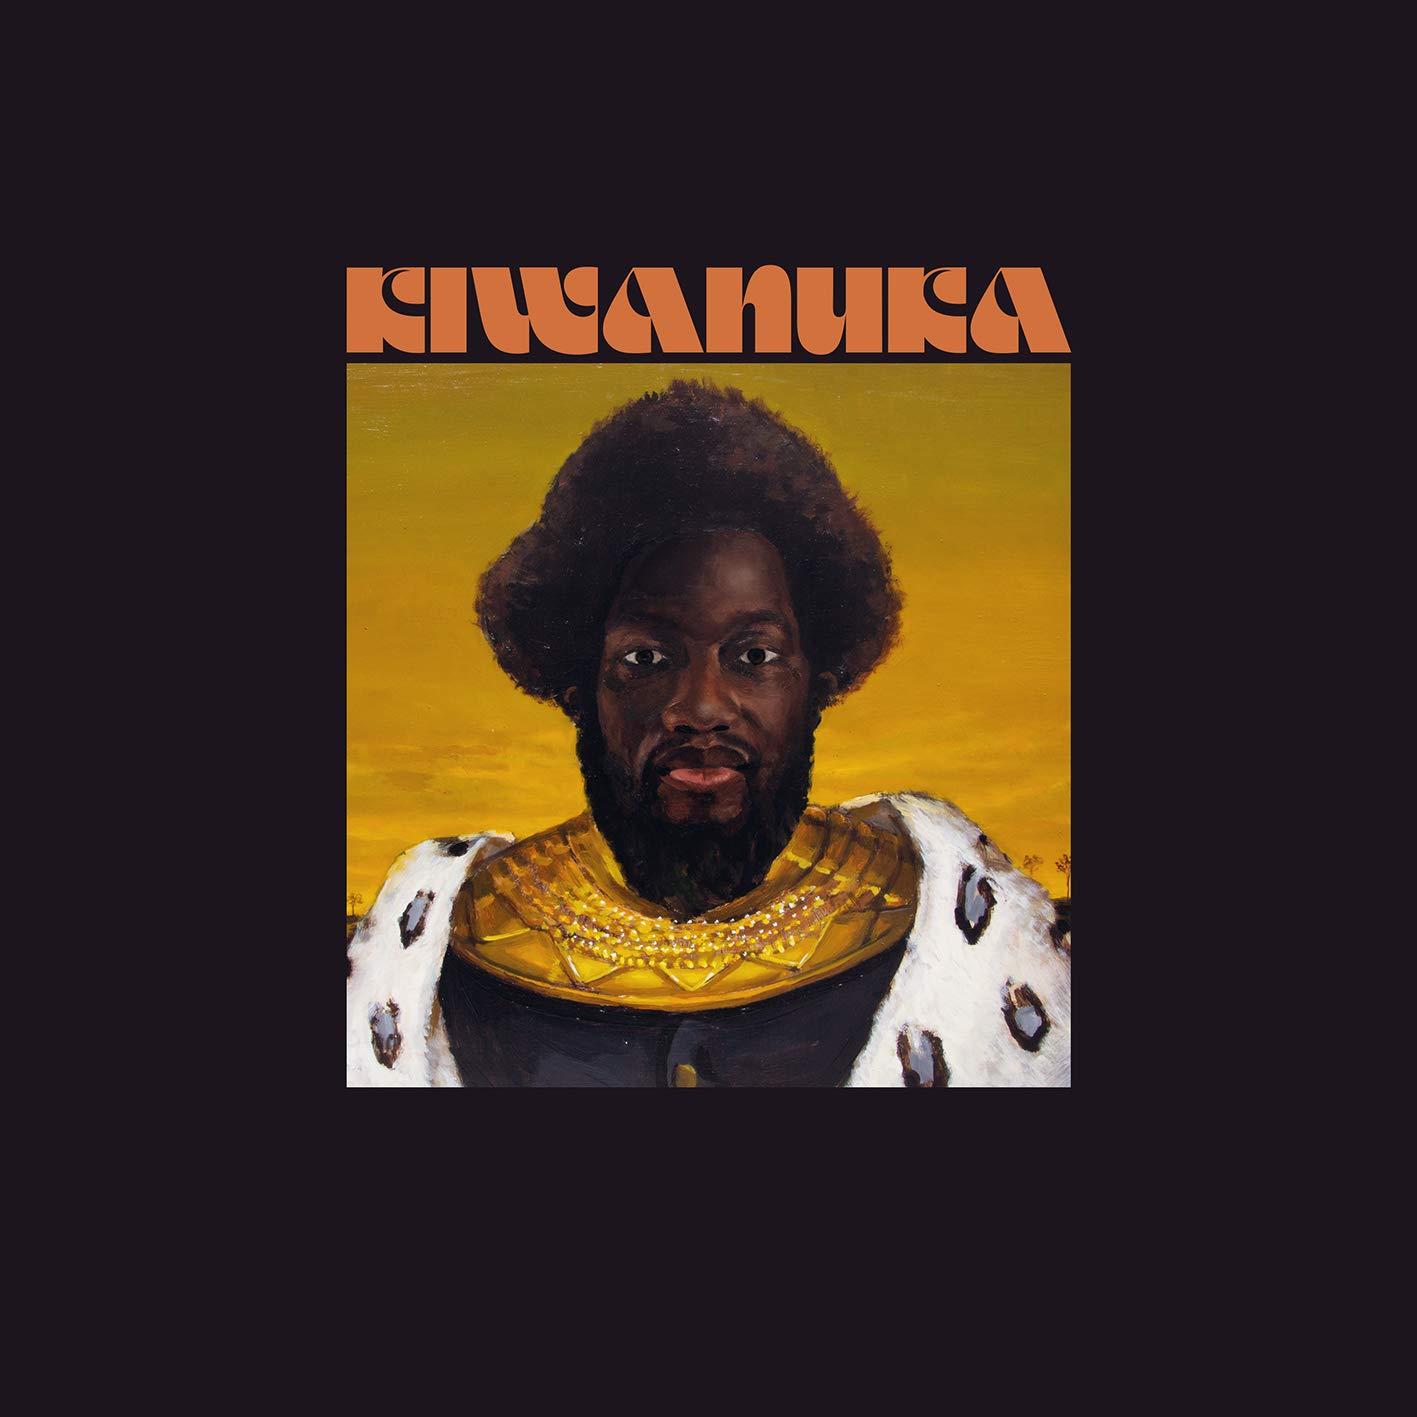 Buy Kiwanuka by Michael Kiwanuka New or Used via Amazon